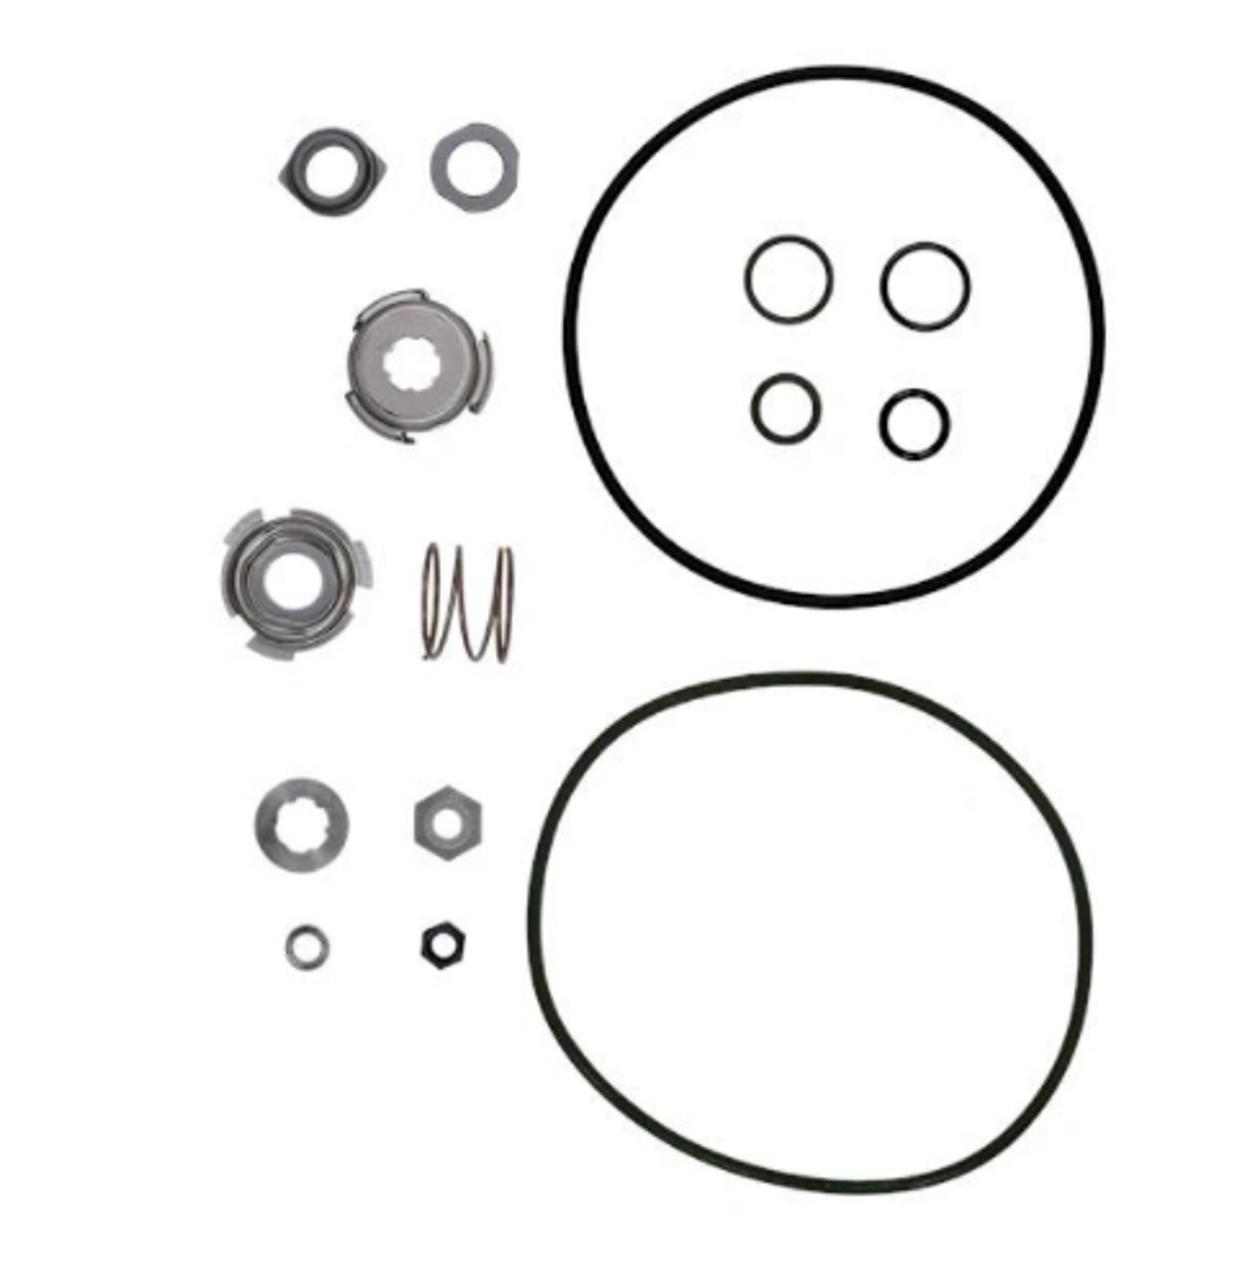 96932445 Grundfos Gasket/Seal Kit